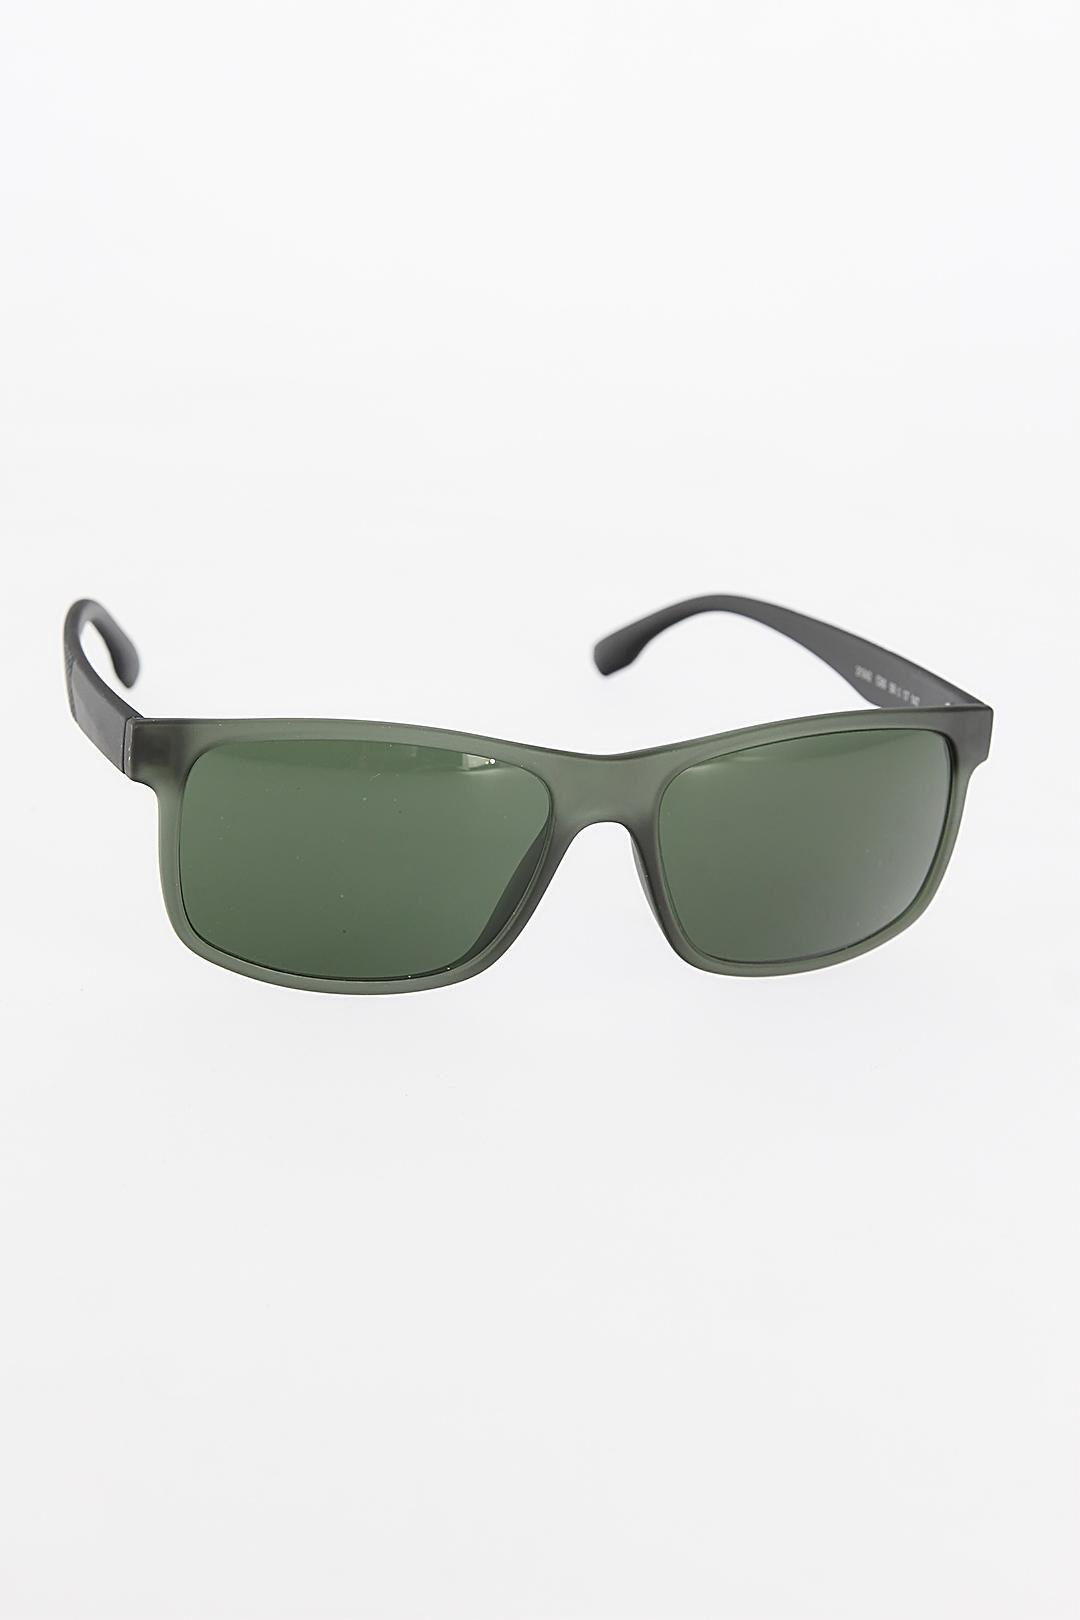 Yeşil Renk Çerçeveli Siyah Saplı Erkek Güneş Gözlüğü